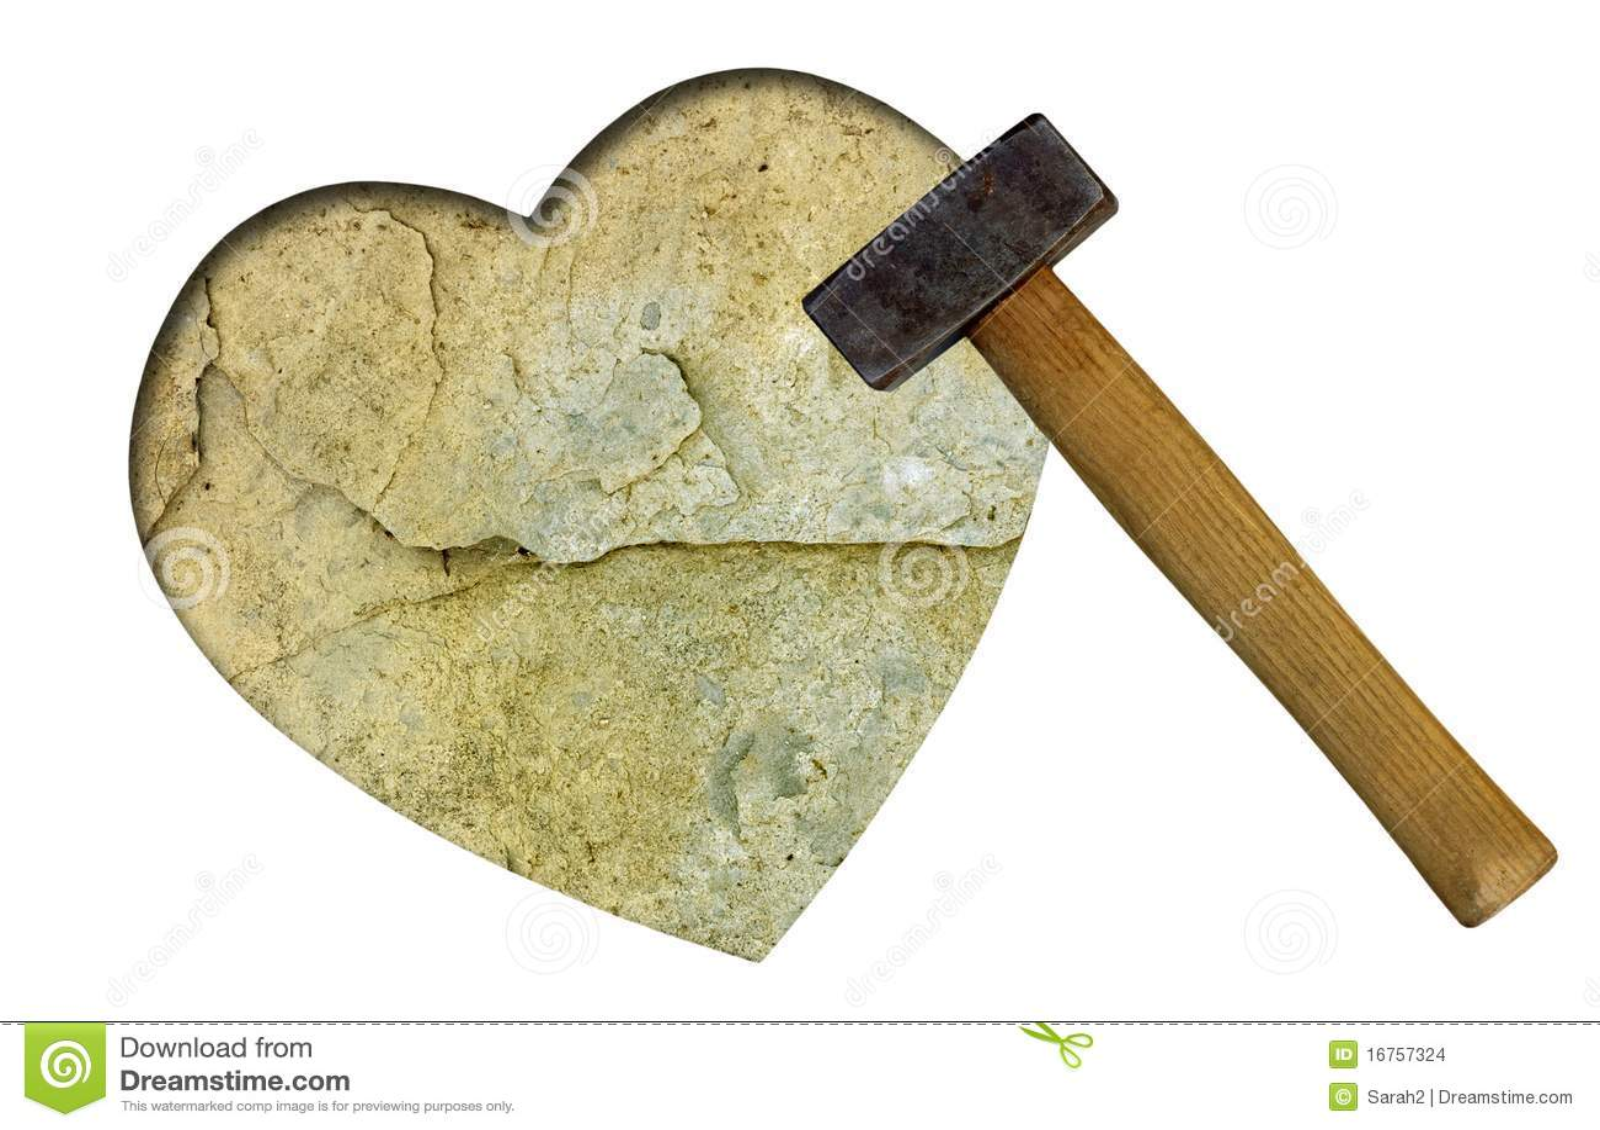 Coração de pedra - conceito do amor unrequited